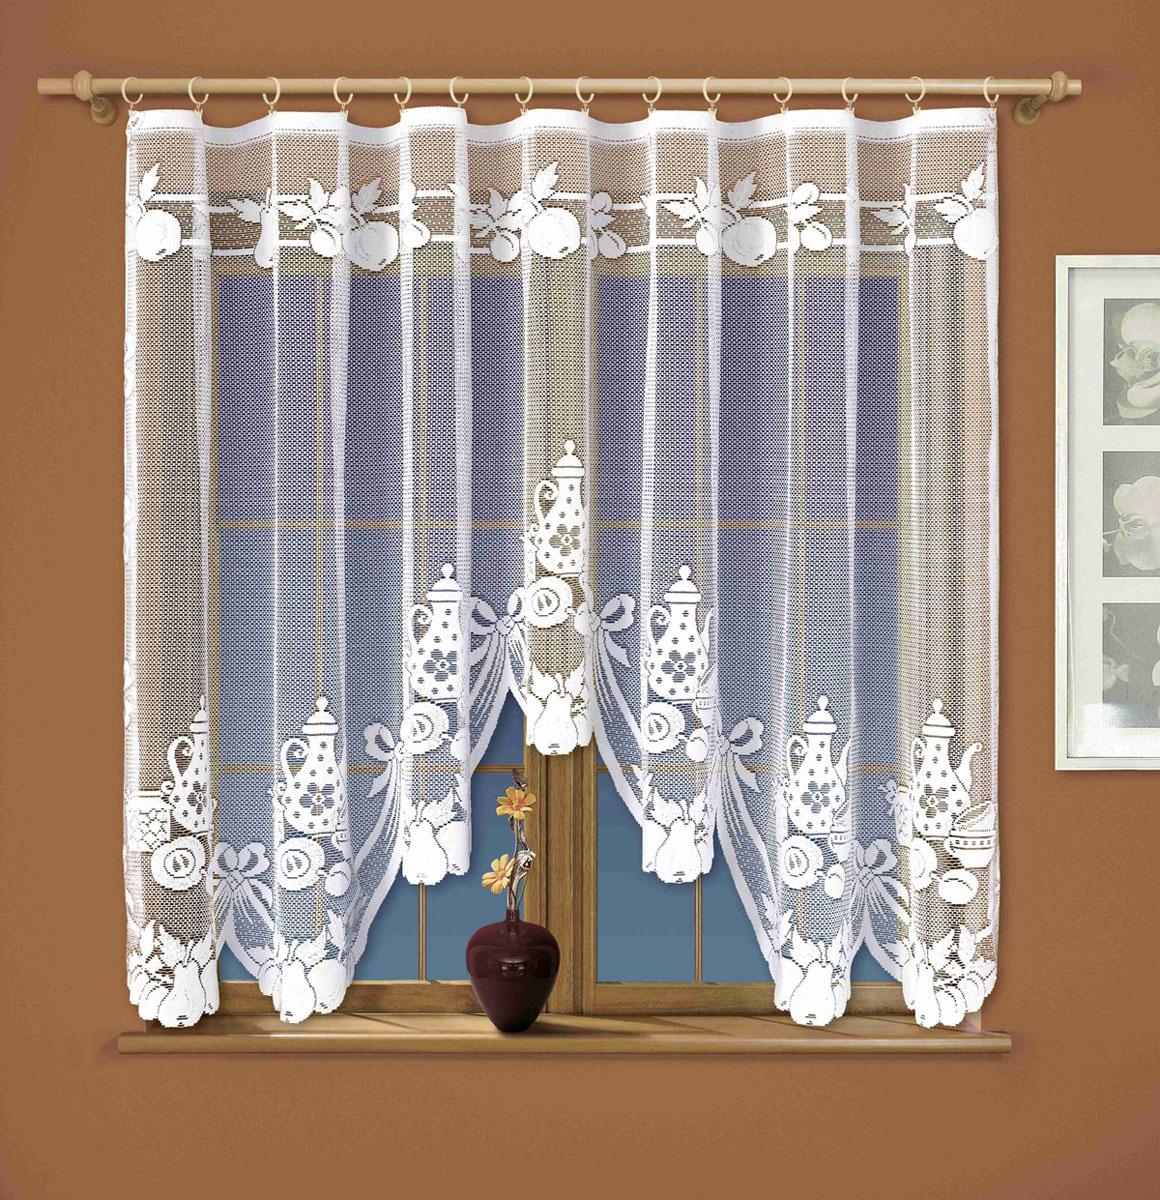 Гардина Imbryki, цвет: белый, высота 150 см712045Воздушная гардина Imbryki, изготовленная из полиэстера белого цвета, станет великолепным украшением любого окна. Тонкое плетение, оригинальный принт привлекут к себе внимание и органично впишется в интерьер комнаты. Верхняя часть гардины не оснащена крепления. Характеристики:Материал: 100% полиэстер. Цвет: белый. Размер упаковки:25 см х 5см х 36 см. Артикул: 712045.В комплект входит:Гардина - 1 шт. Размер (ШхВ): 300 см х 150 см. Фирма Wisan на польском рынке существует уже более пятидесяти лет и является одной из лучших польских фабрик по производству штор и тканей. Ассортимент фирмы представлен готовыми комплектами штор для гостиной, детской, кухни, а также текстилем для кухни (скатерти, салфетки, дорожки, кухонные занавески). Модельный ряд отличает оригинальный дизайн, высокое качество. Ассортимент продукции постоянно пополняется.